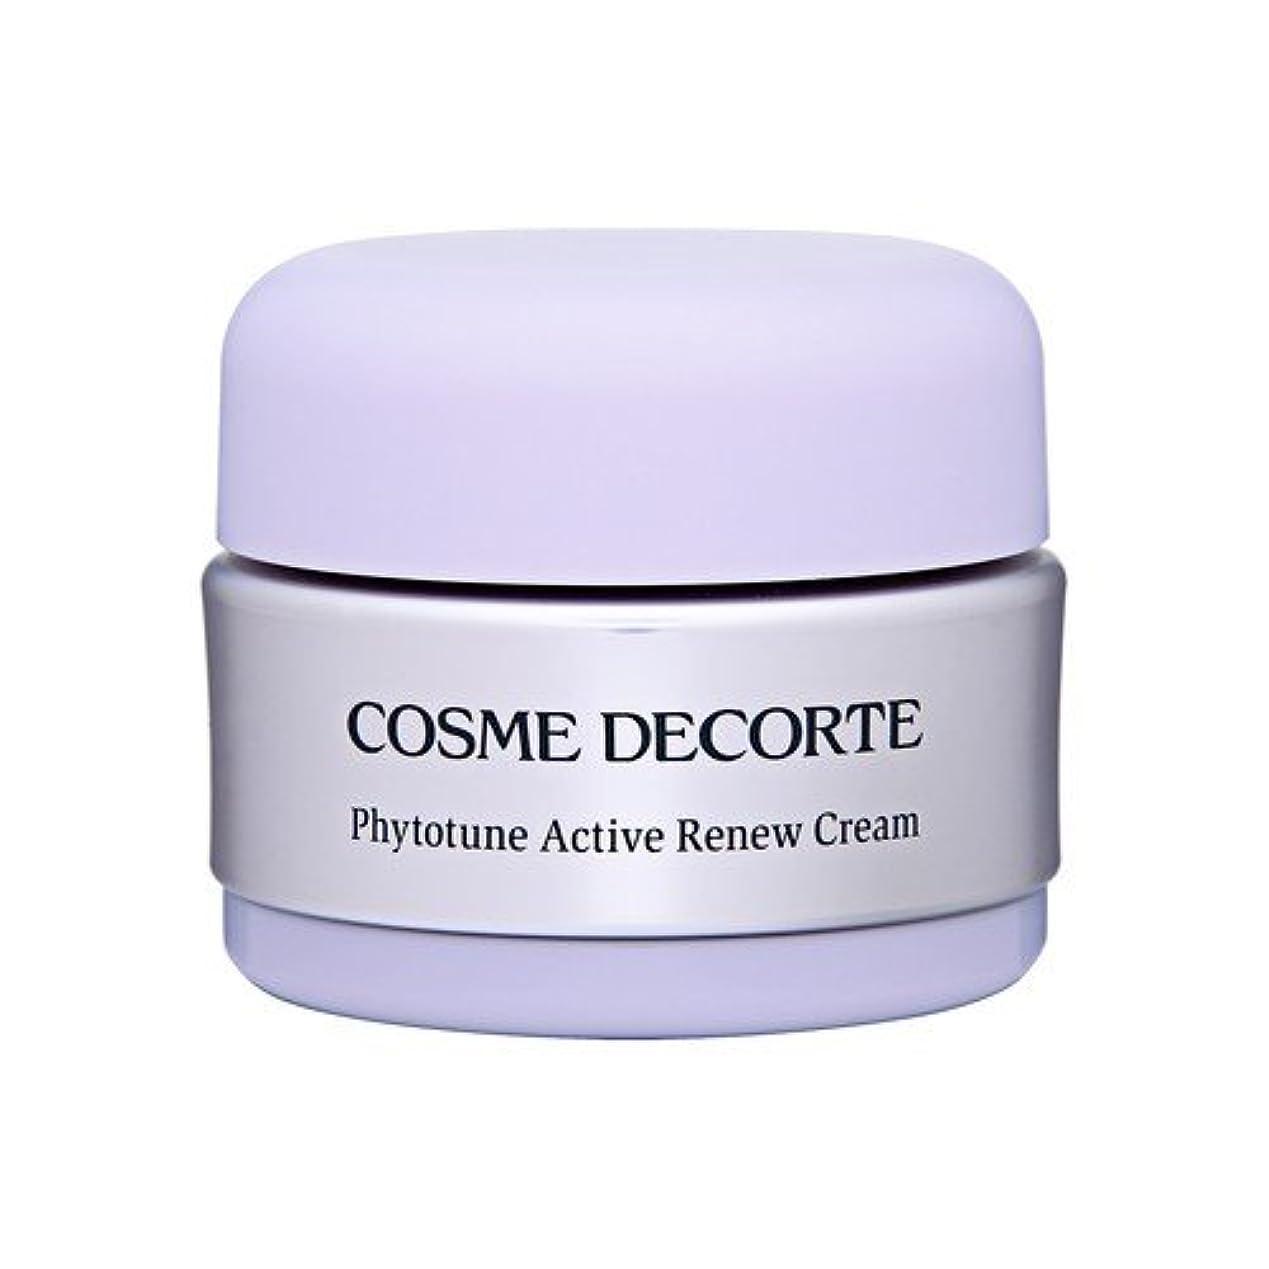 役割クラッシュ石灰岩コスメ デコルテ(COSME DECORTE) フィトチューンアクティブリニュークリーム 30g [364491][並行輸入品]